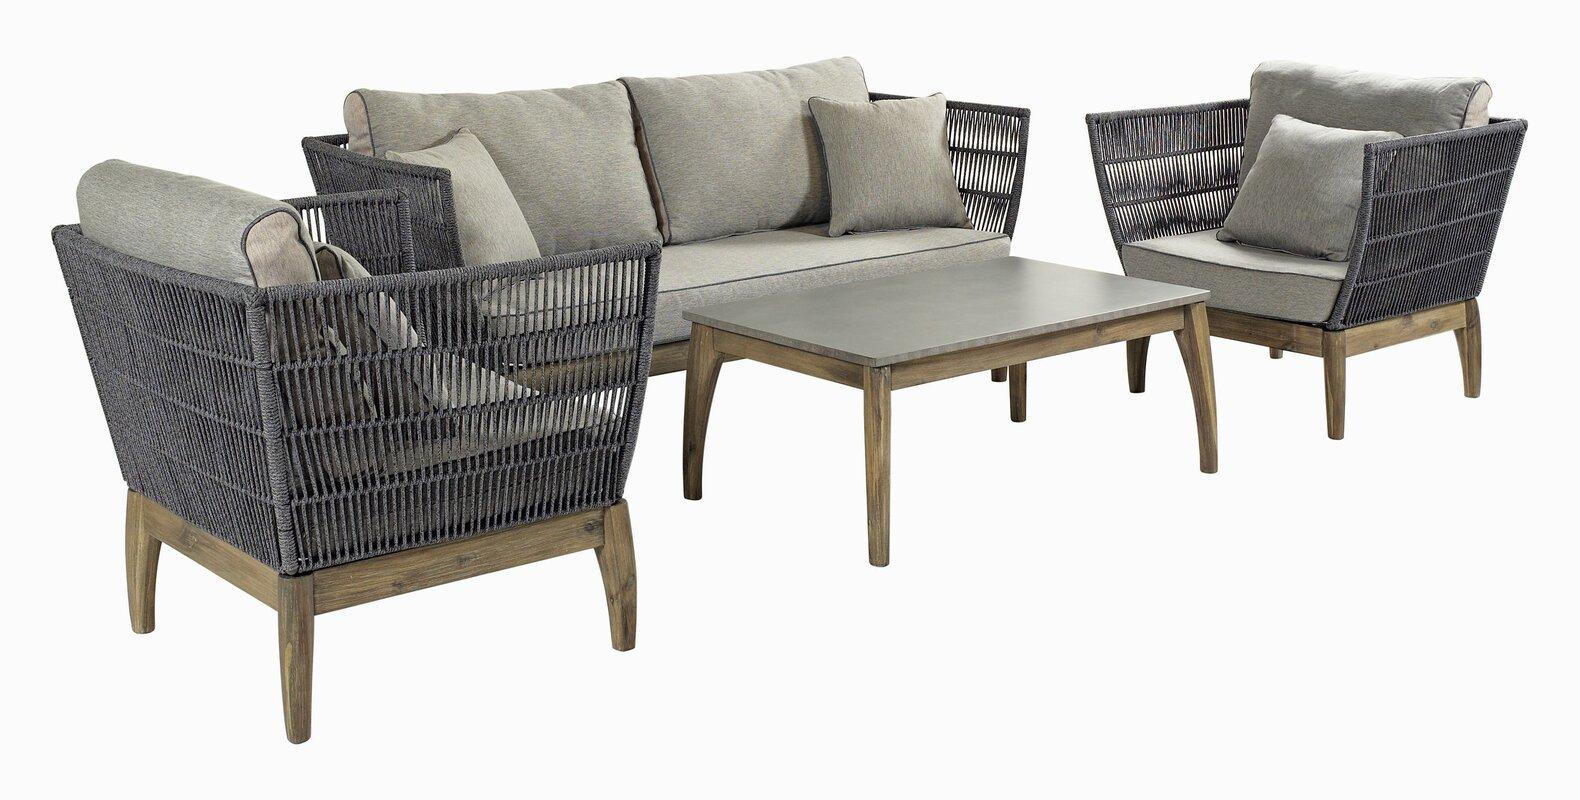 SeasonalLiving Wings Indoor/Outdoor 4 Piece Rattan Sofa Set with ...